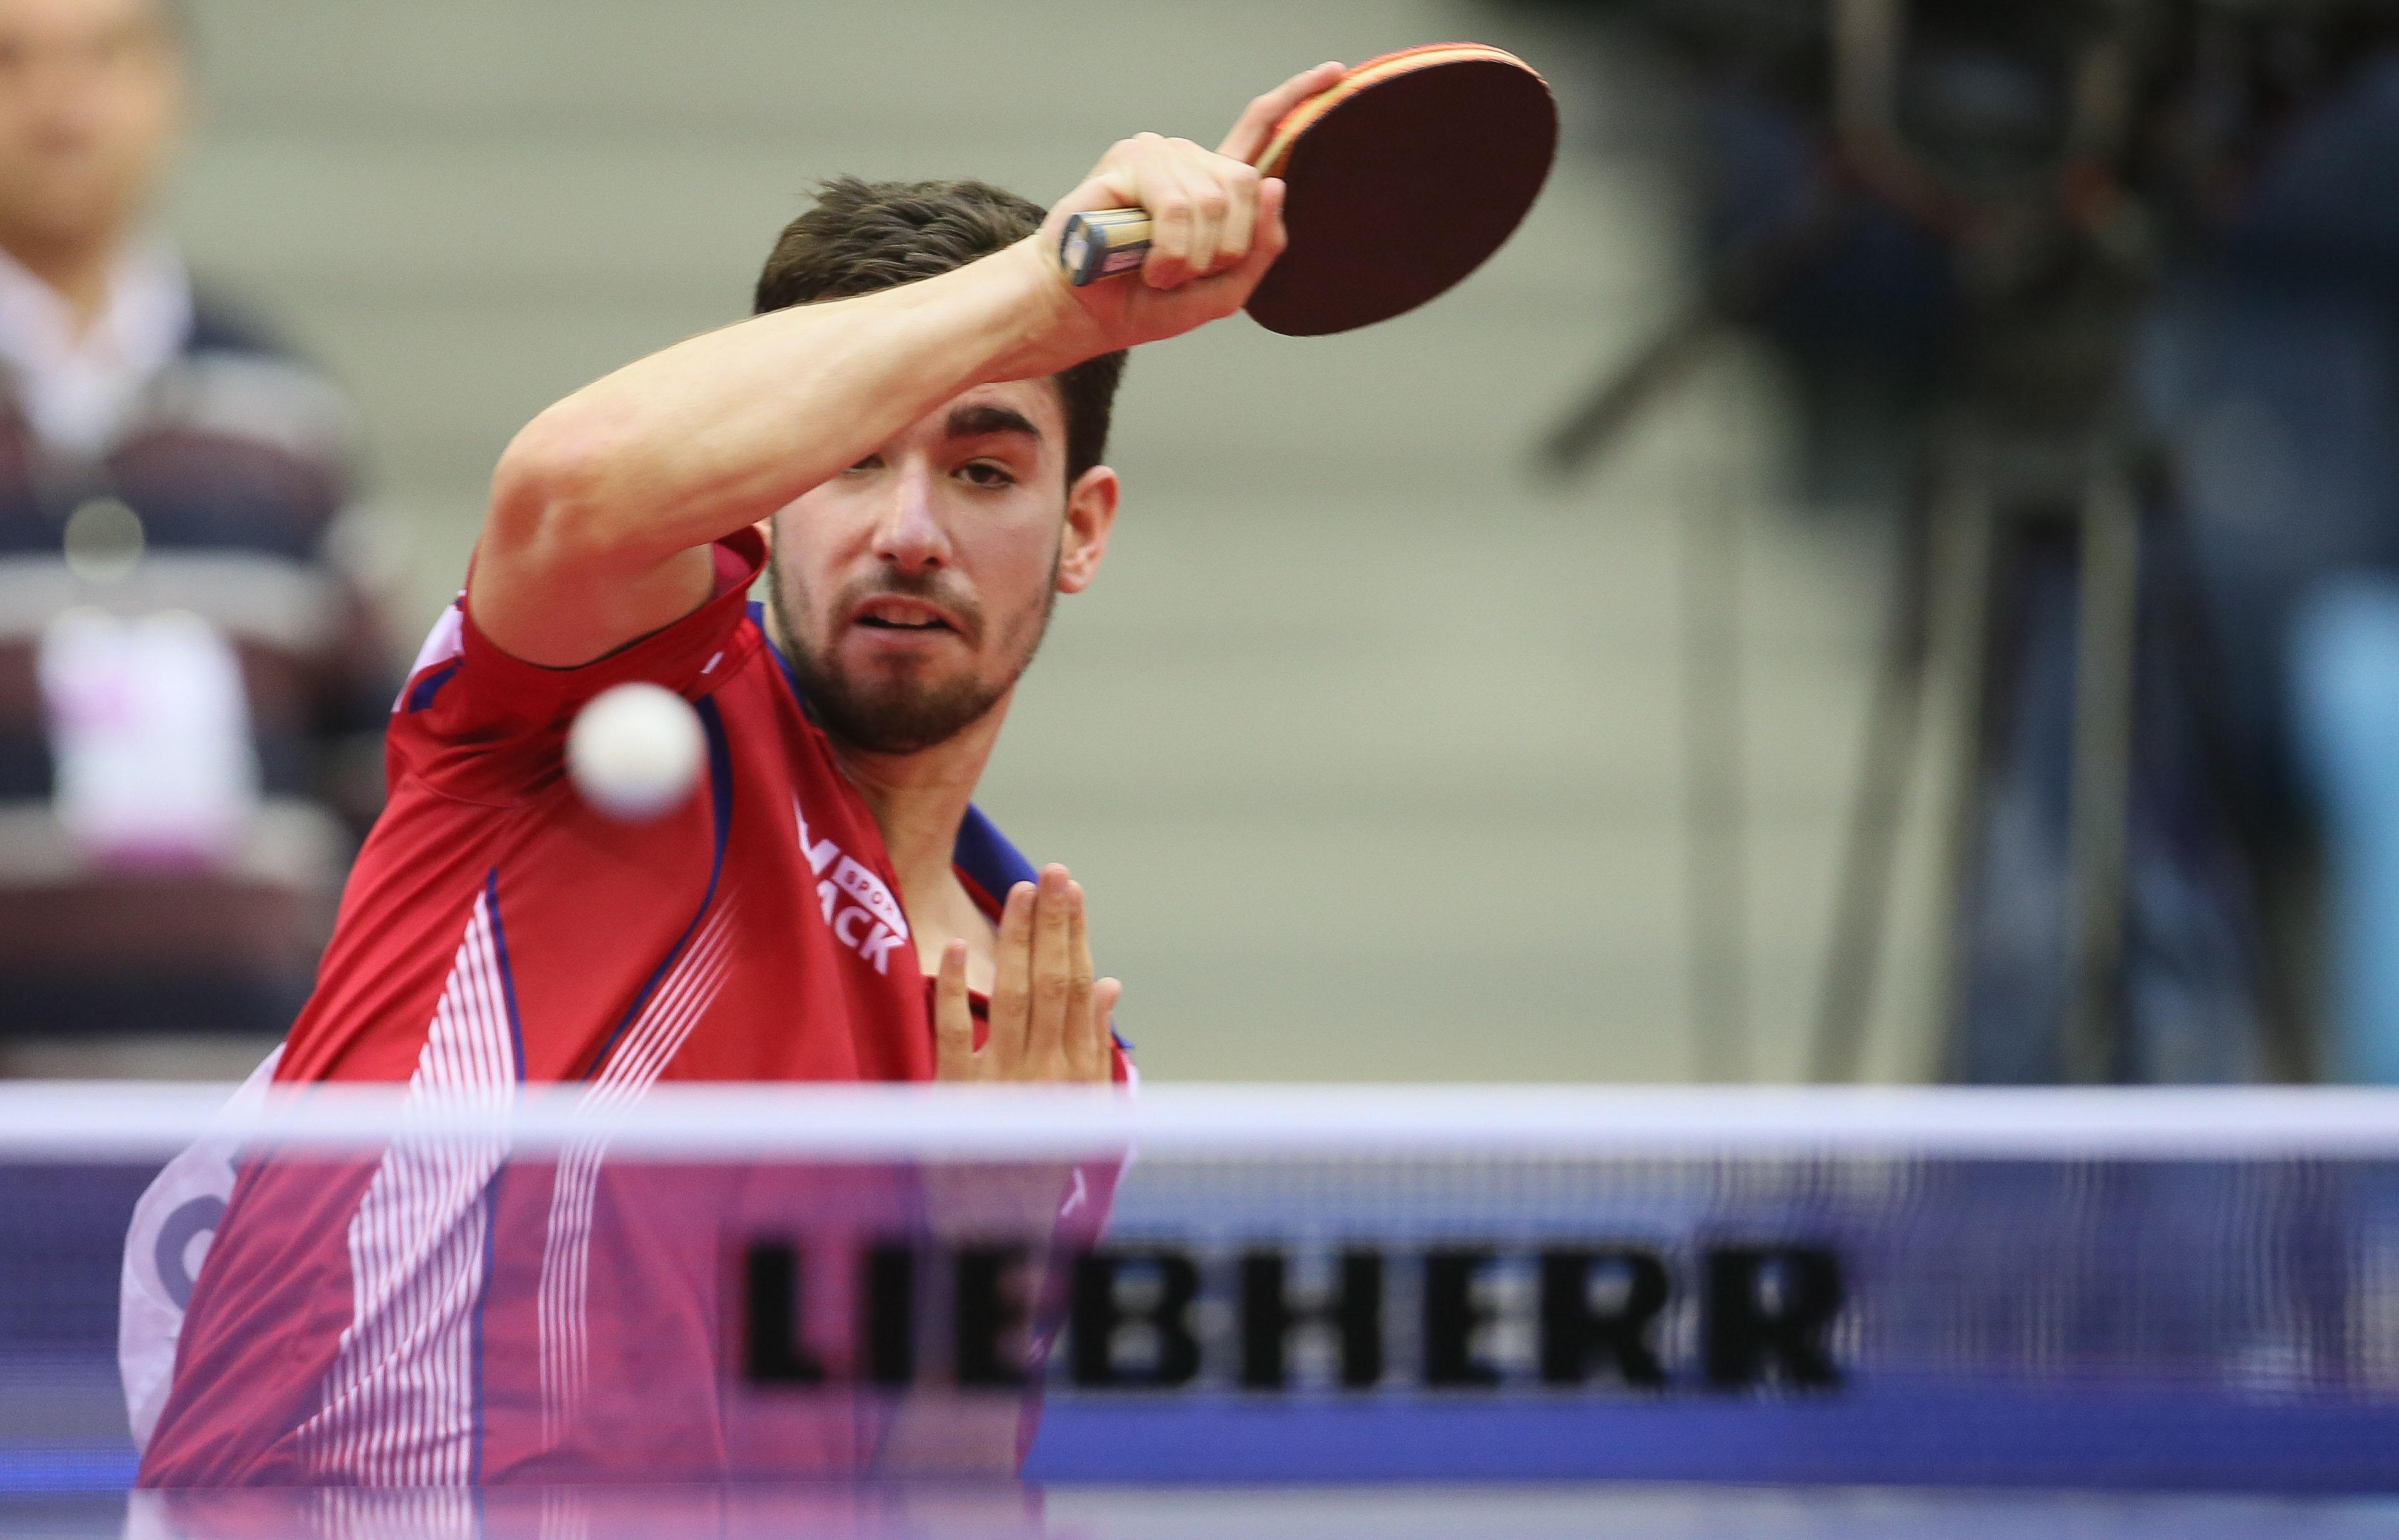 Tennis de table l 39 quipe de france pour les mondiaux d voil e - Equipe de france de tennis de table ...